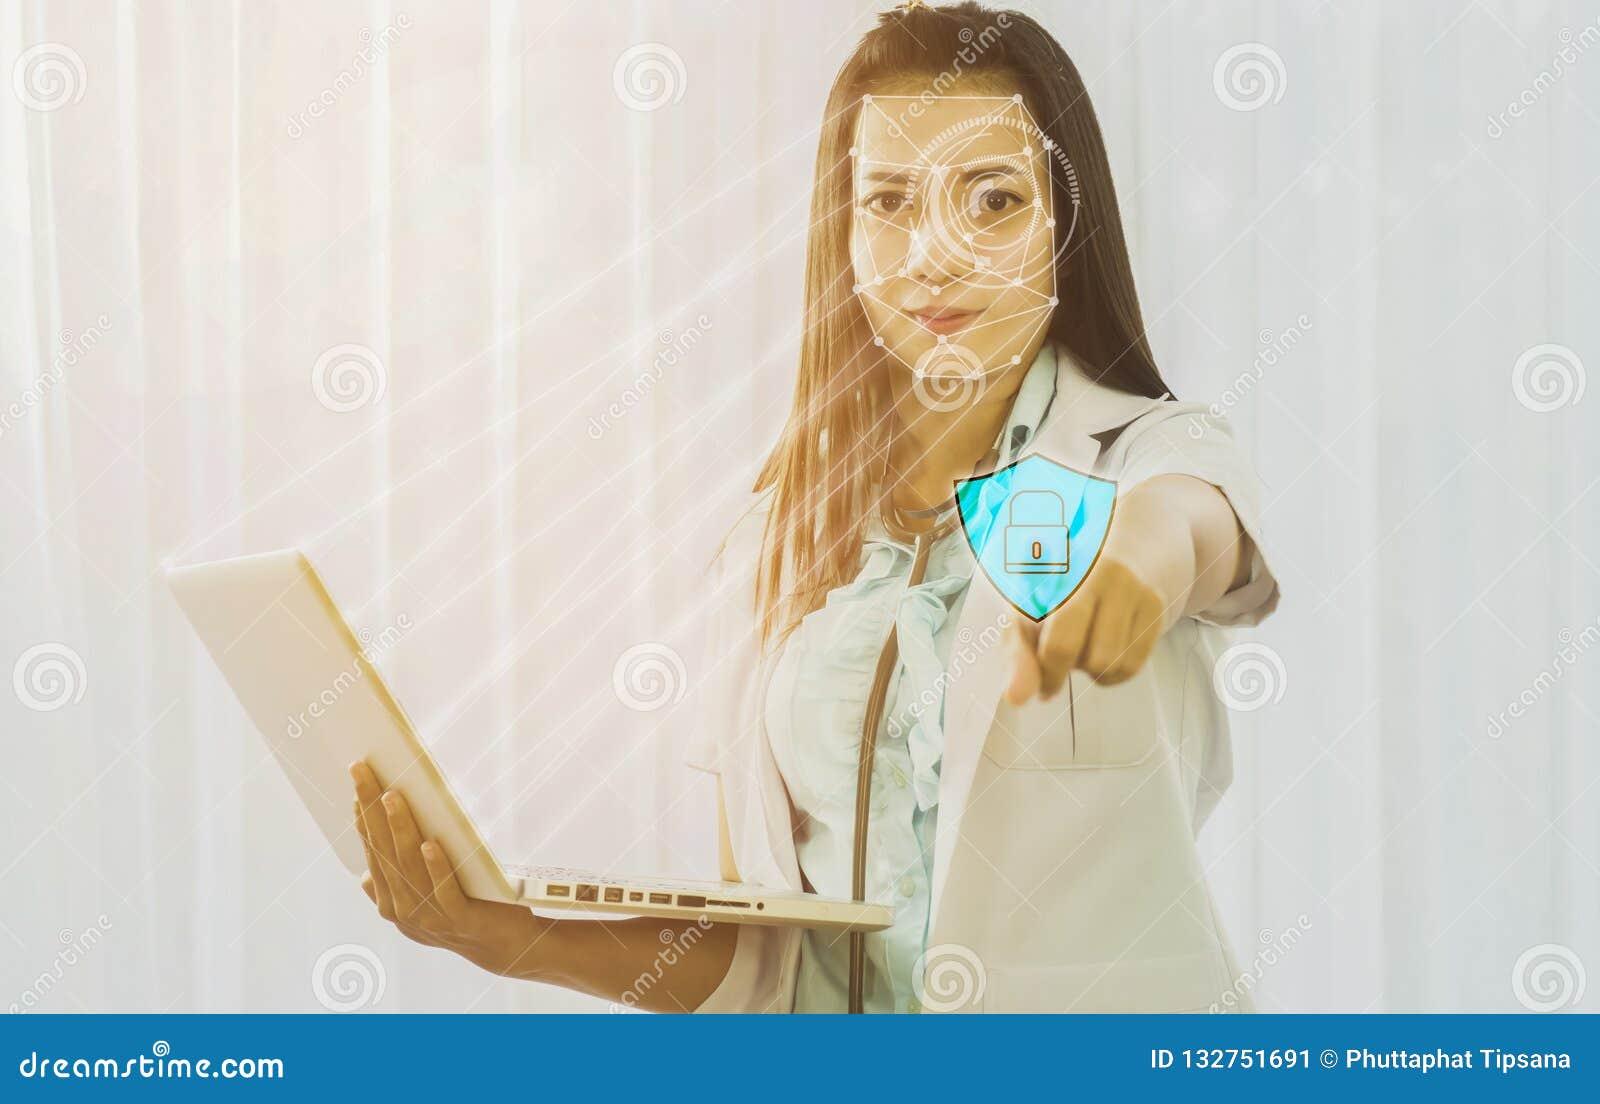 Futurystyczna cyber ochrona z twarzowym rozpoznaniem lekarka a